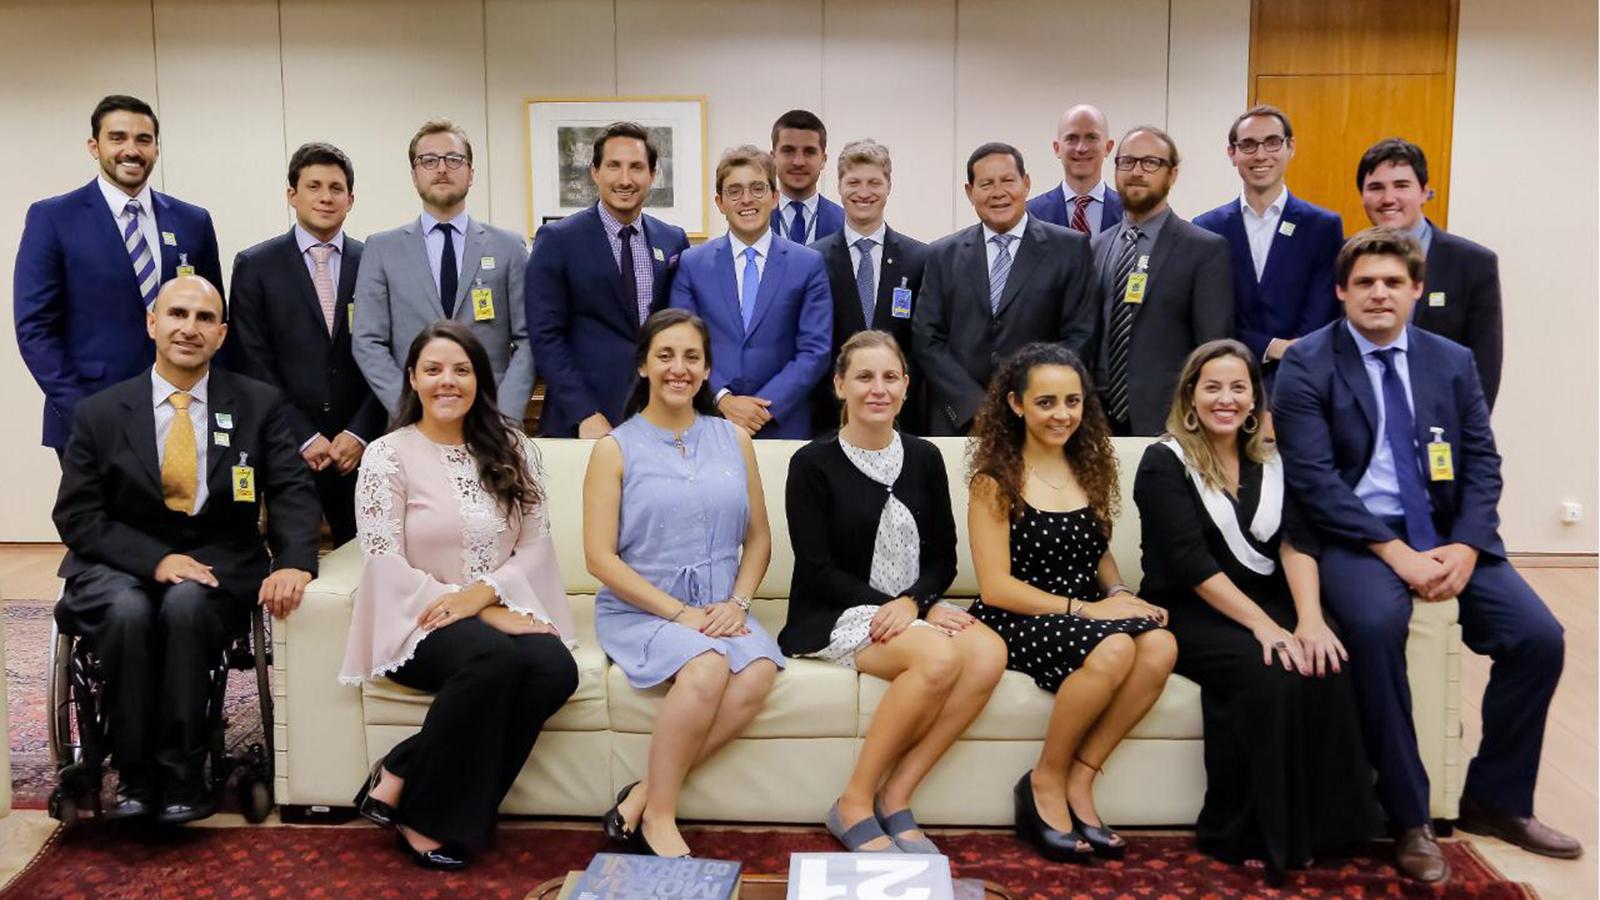 GCL 2019 alumni reunion in Brazil